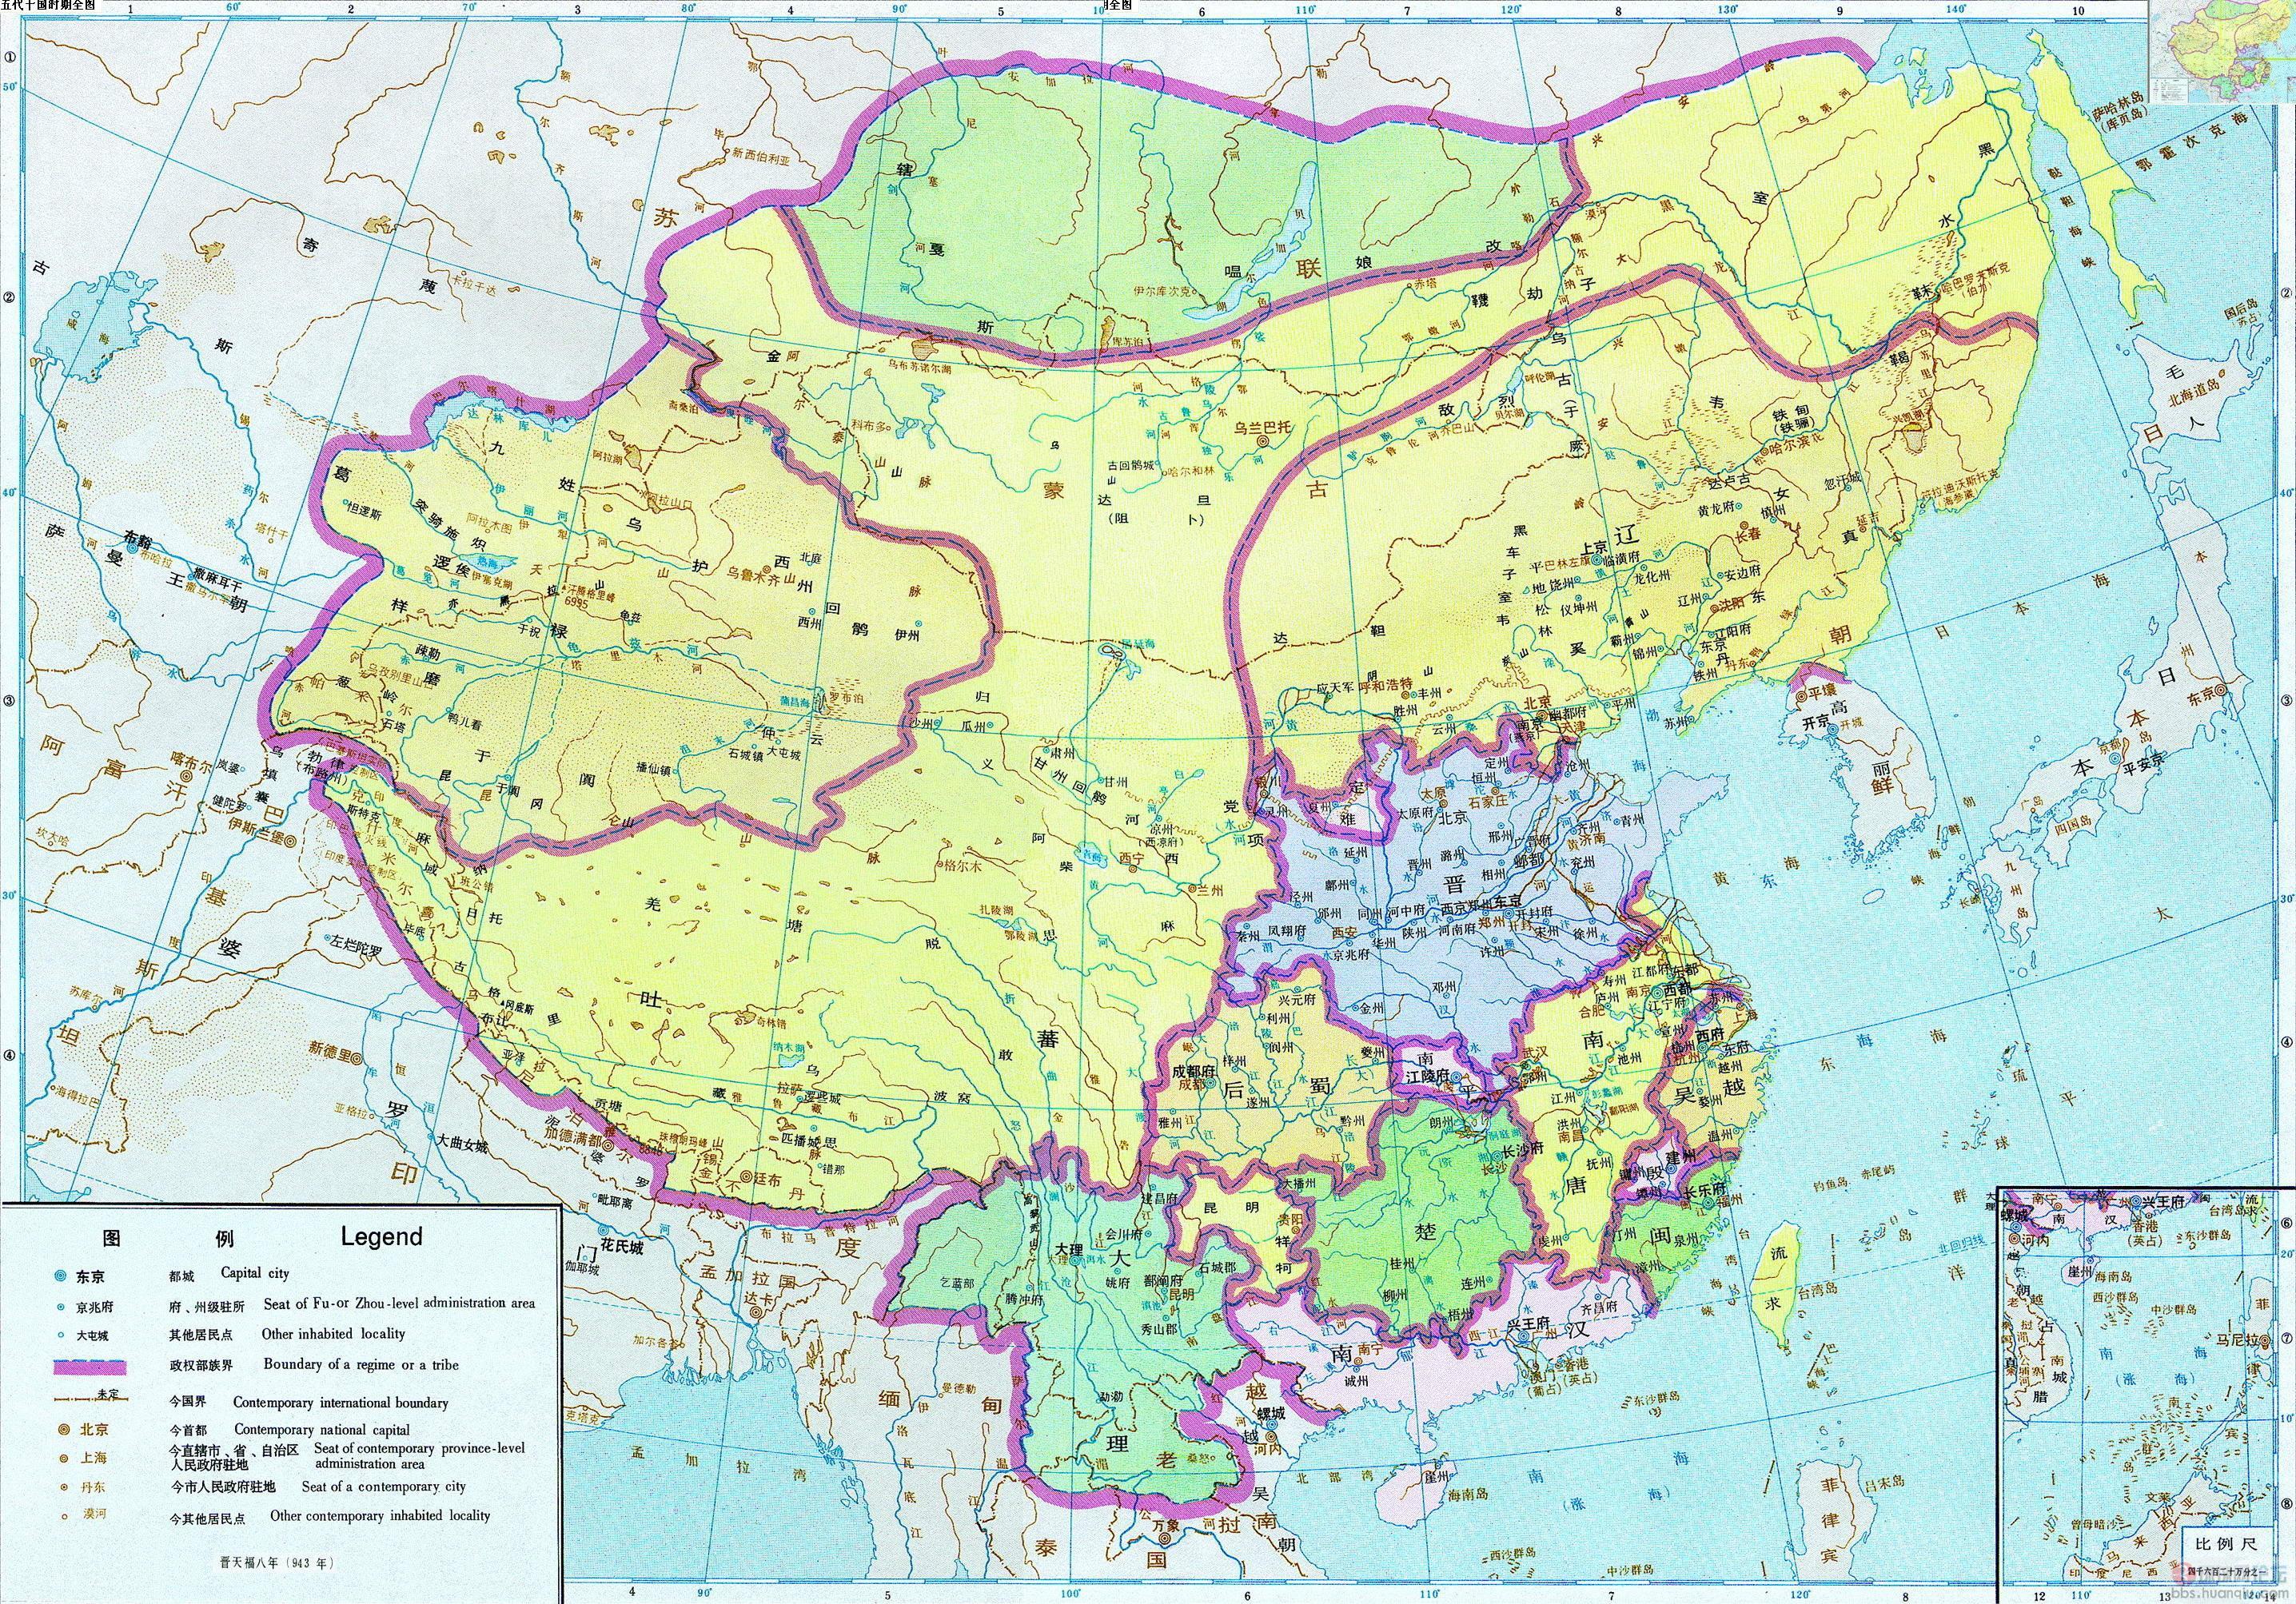 谁说中国地图像大公鸡?其实是美少女!